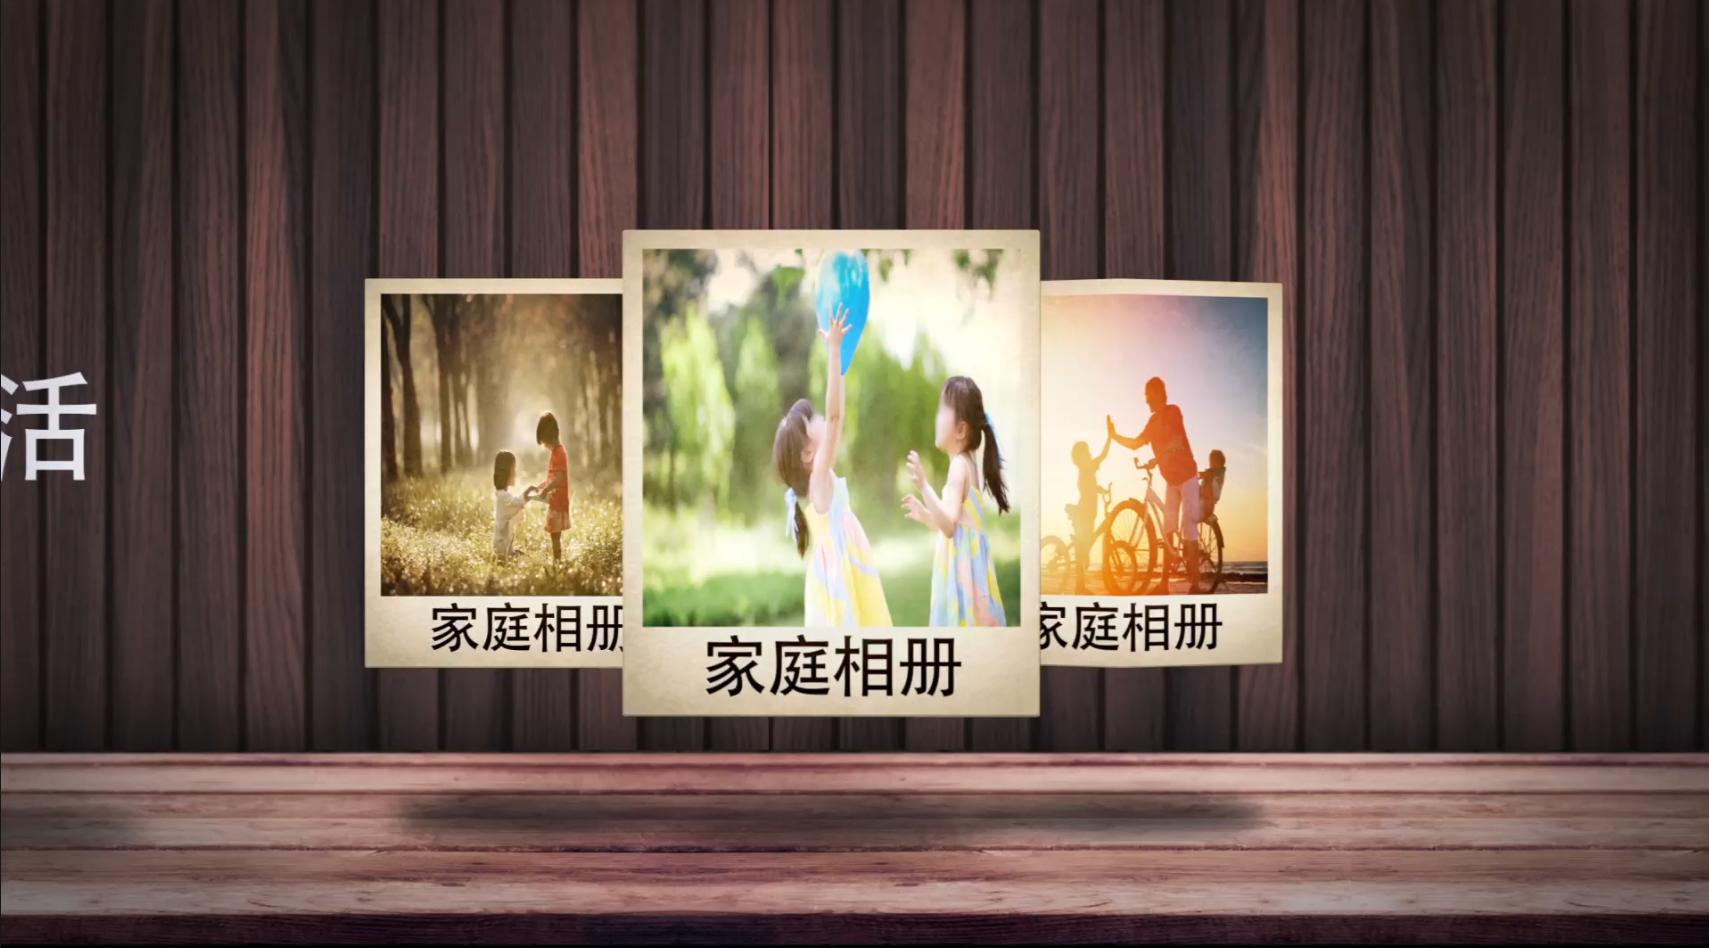 儿童家庭成长相册AE模板